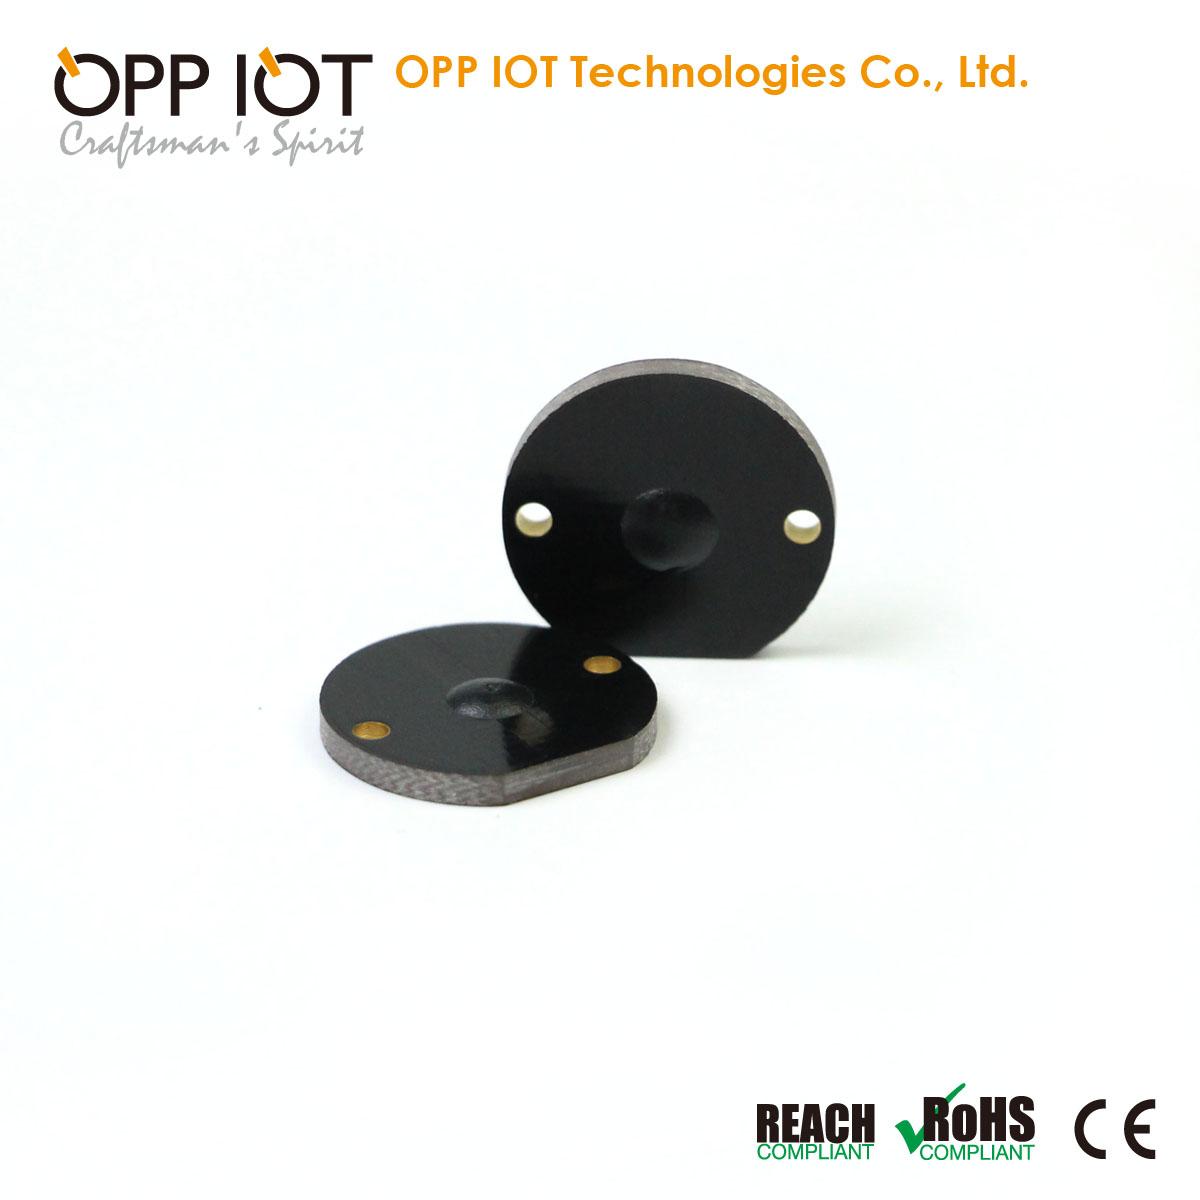 UHF PCB Metal tag usage on the mine